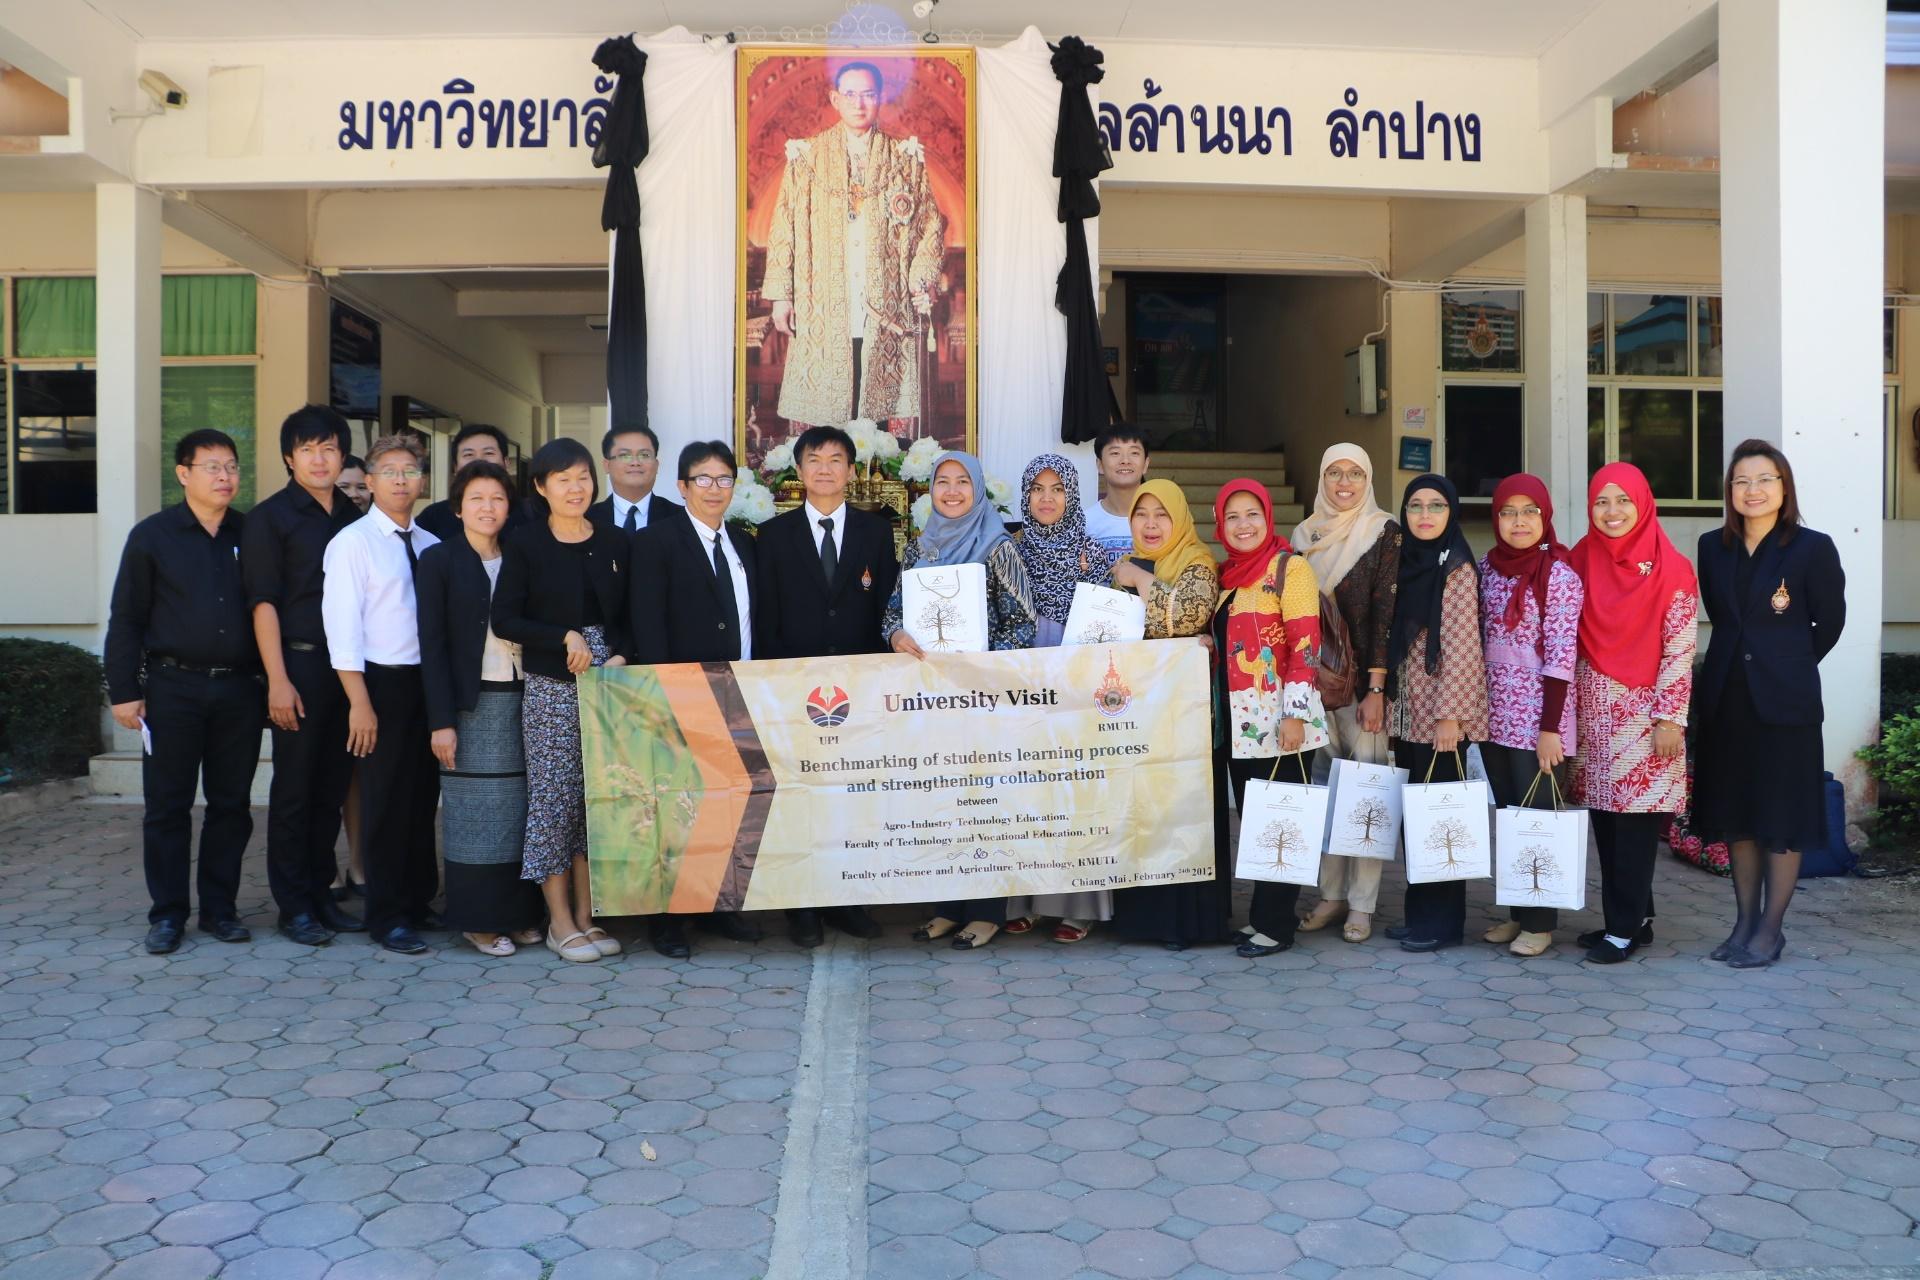 มทร.ล้านนา ลำปาง ร่วมต้อนรับคณาจารย์จาก Universitas Pendidikan Indonesia (UPI) ในโอกาสประชุมหารือความร่วมมือด้านวิชาการ